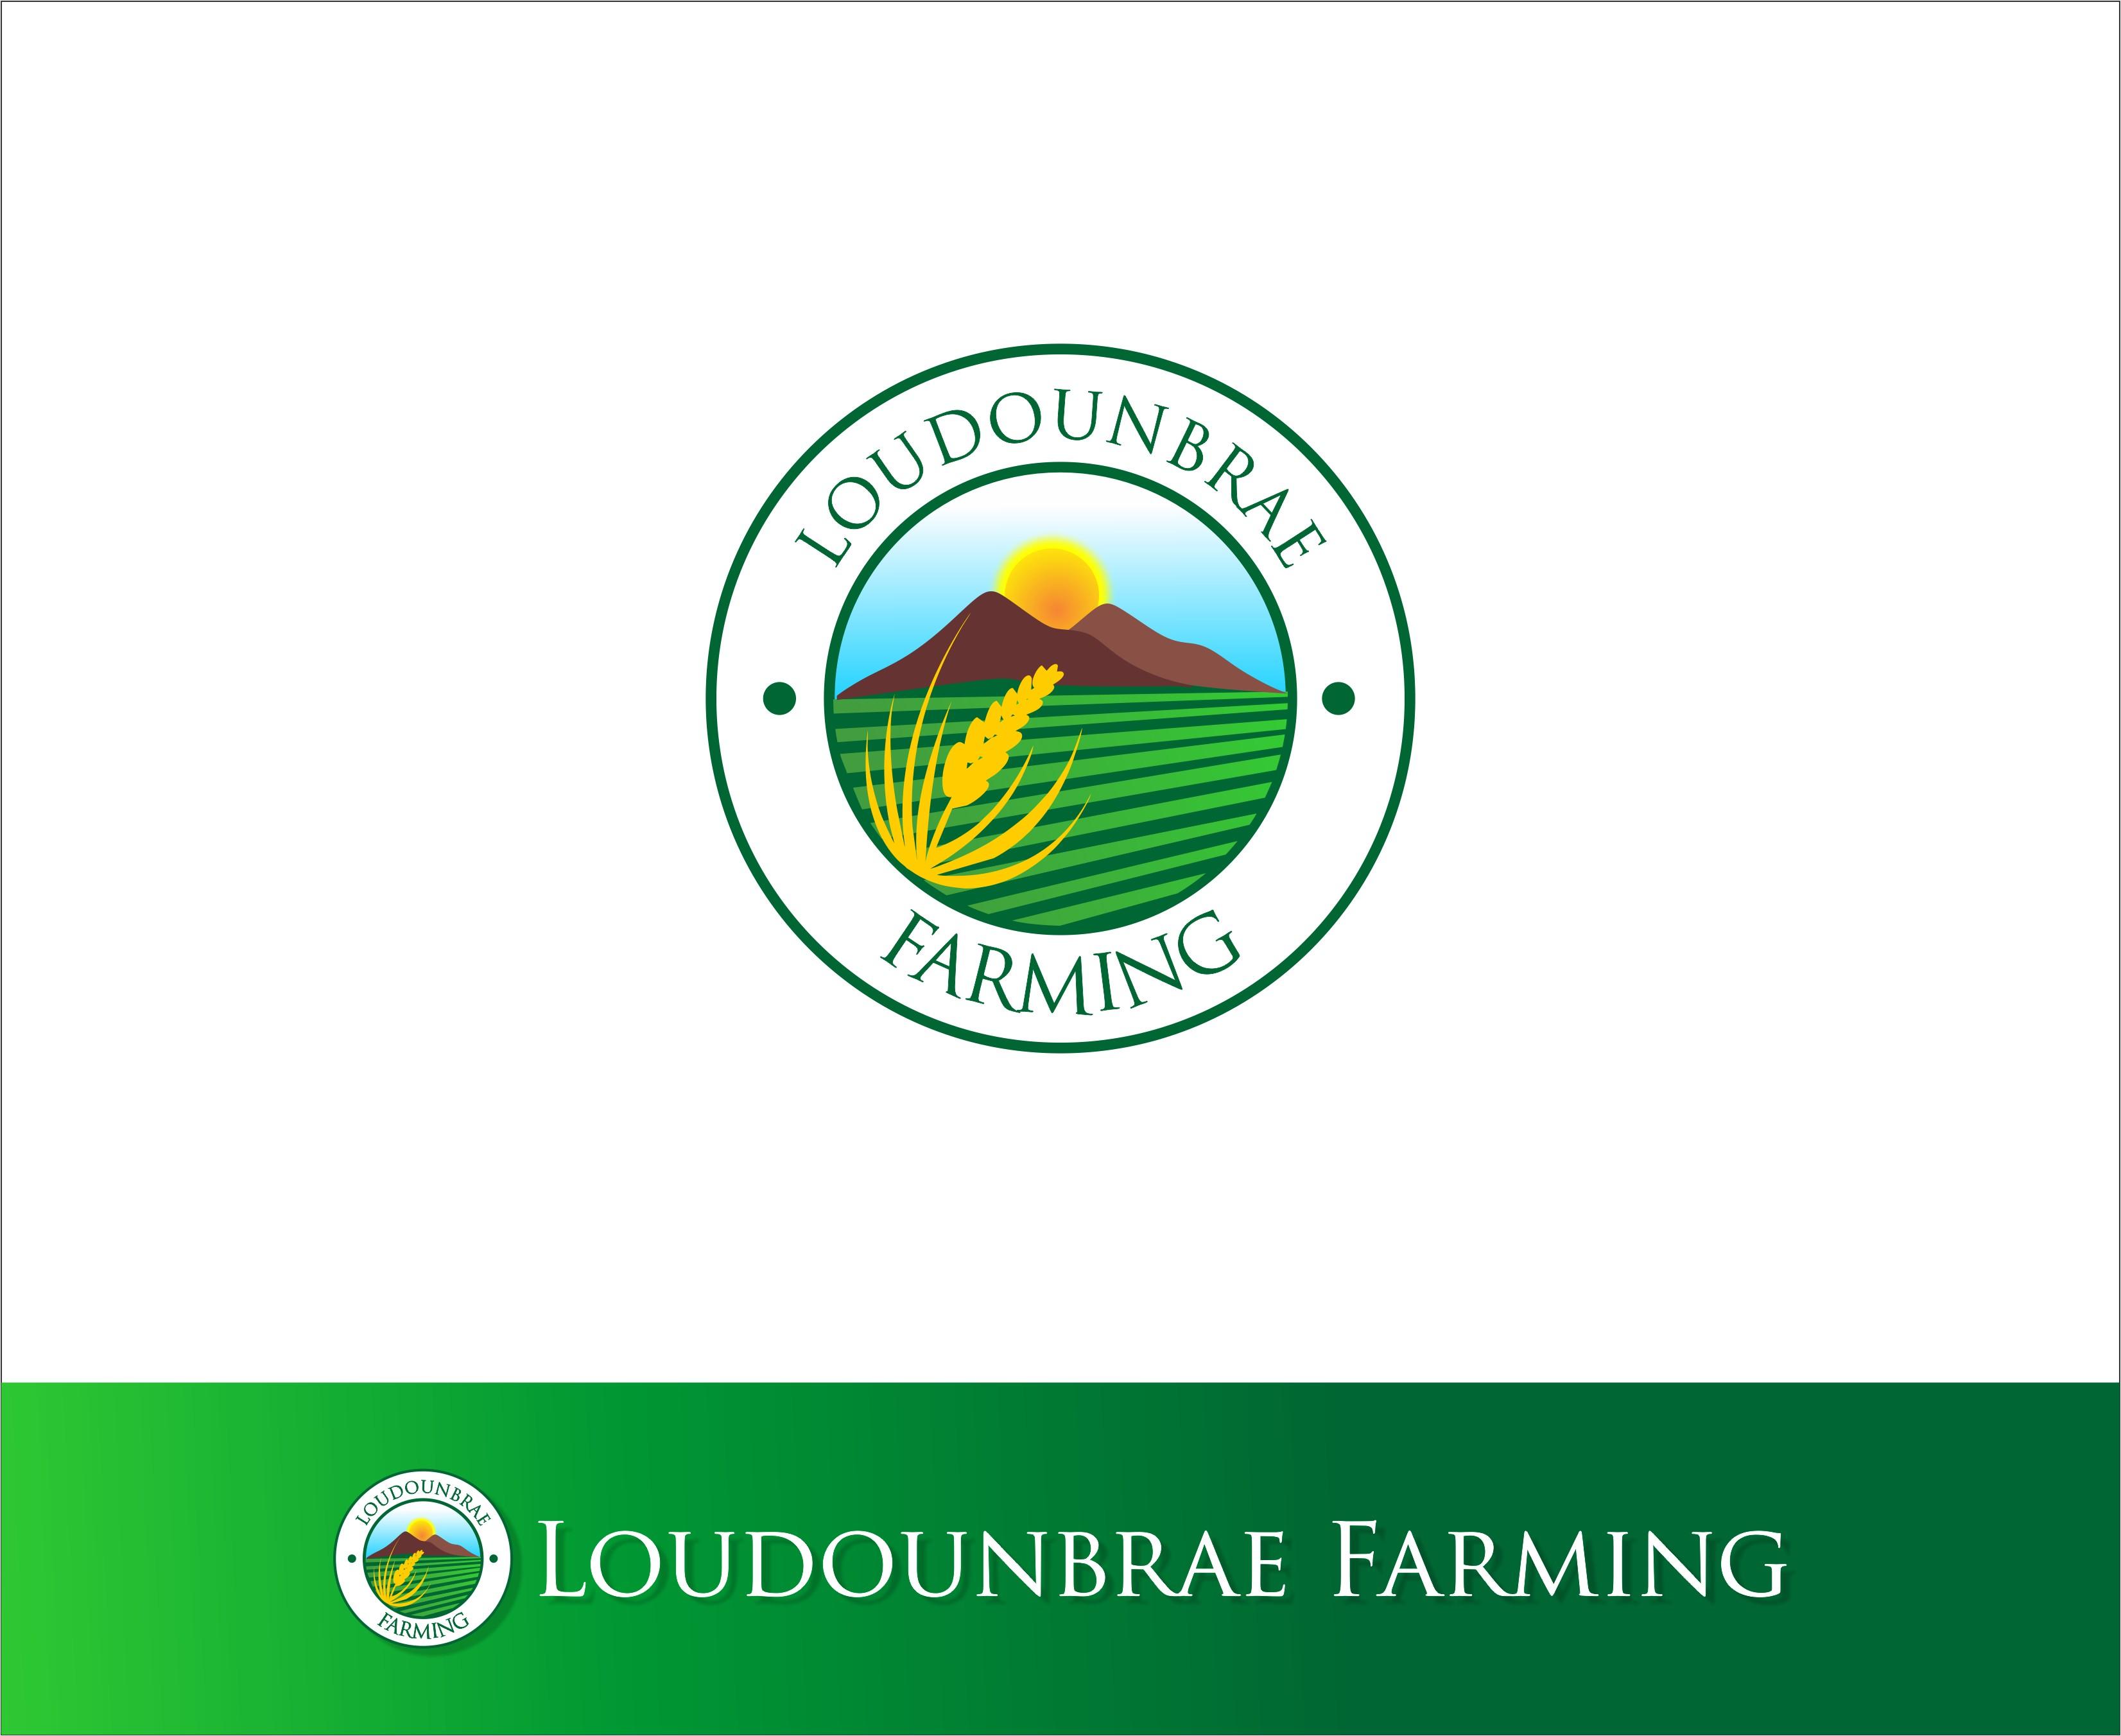 Logo Design by Mhon_Rose - Entry No. 19 in the Logo Design Contest Creative Logo Design for Loudounbrae Farming.